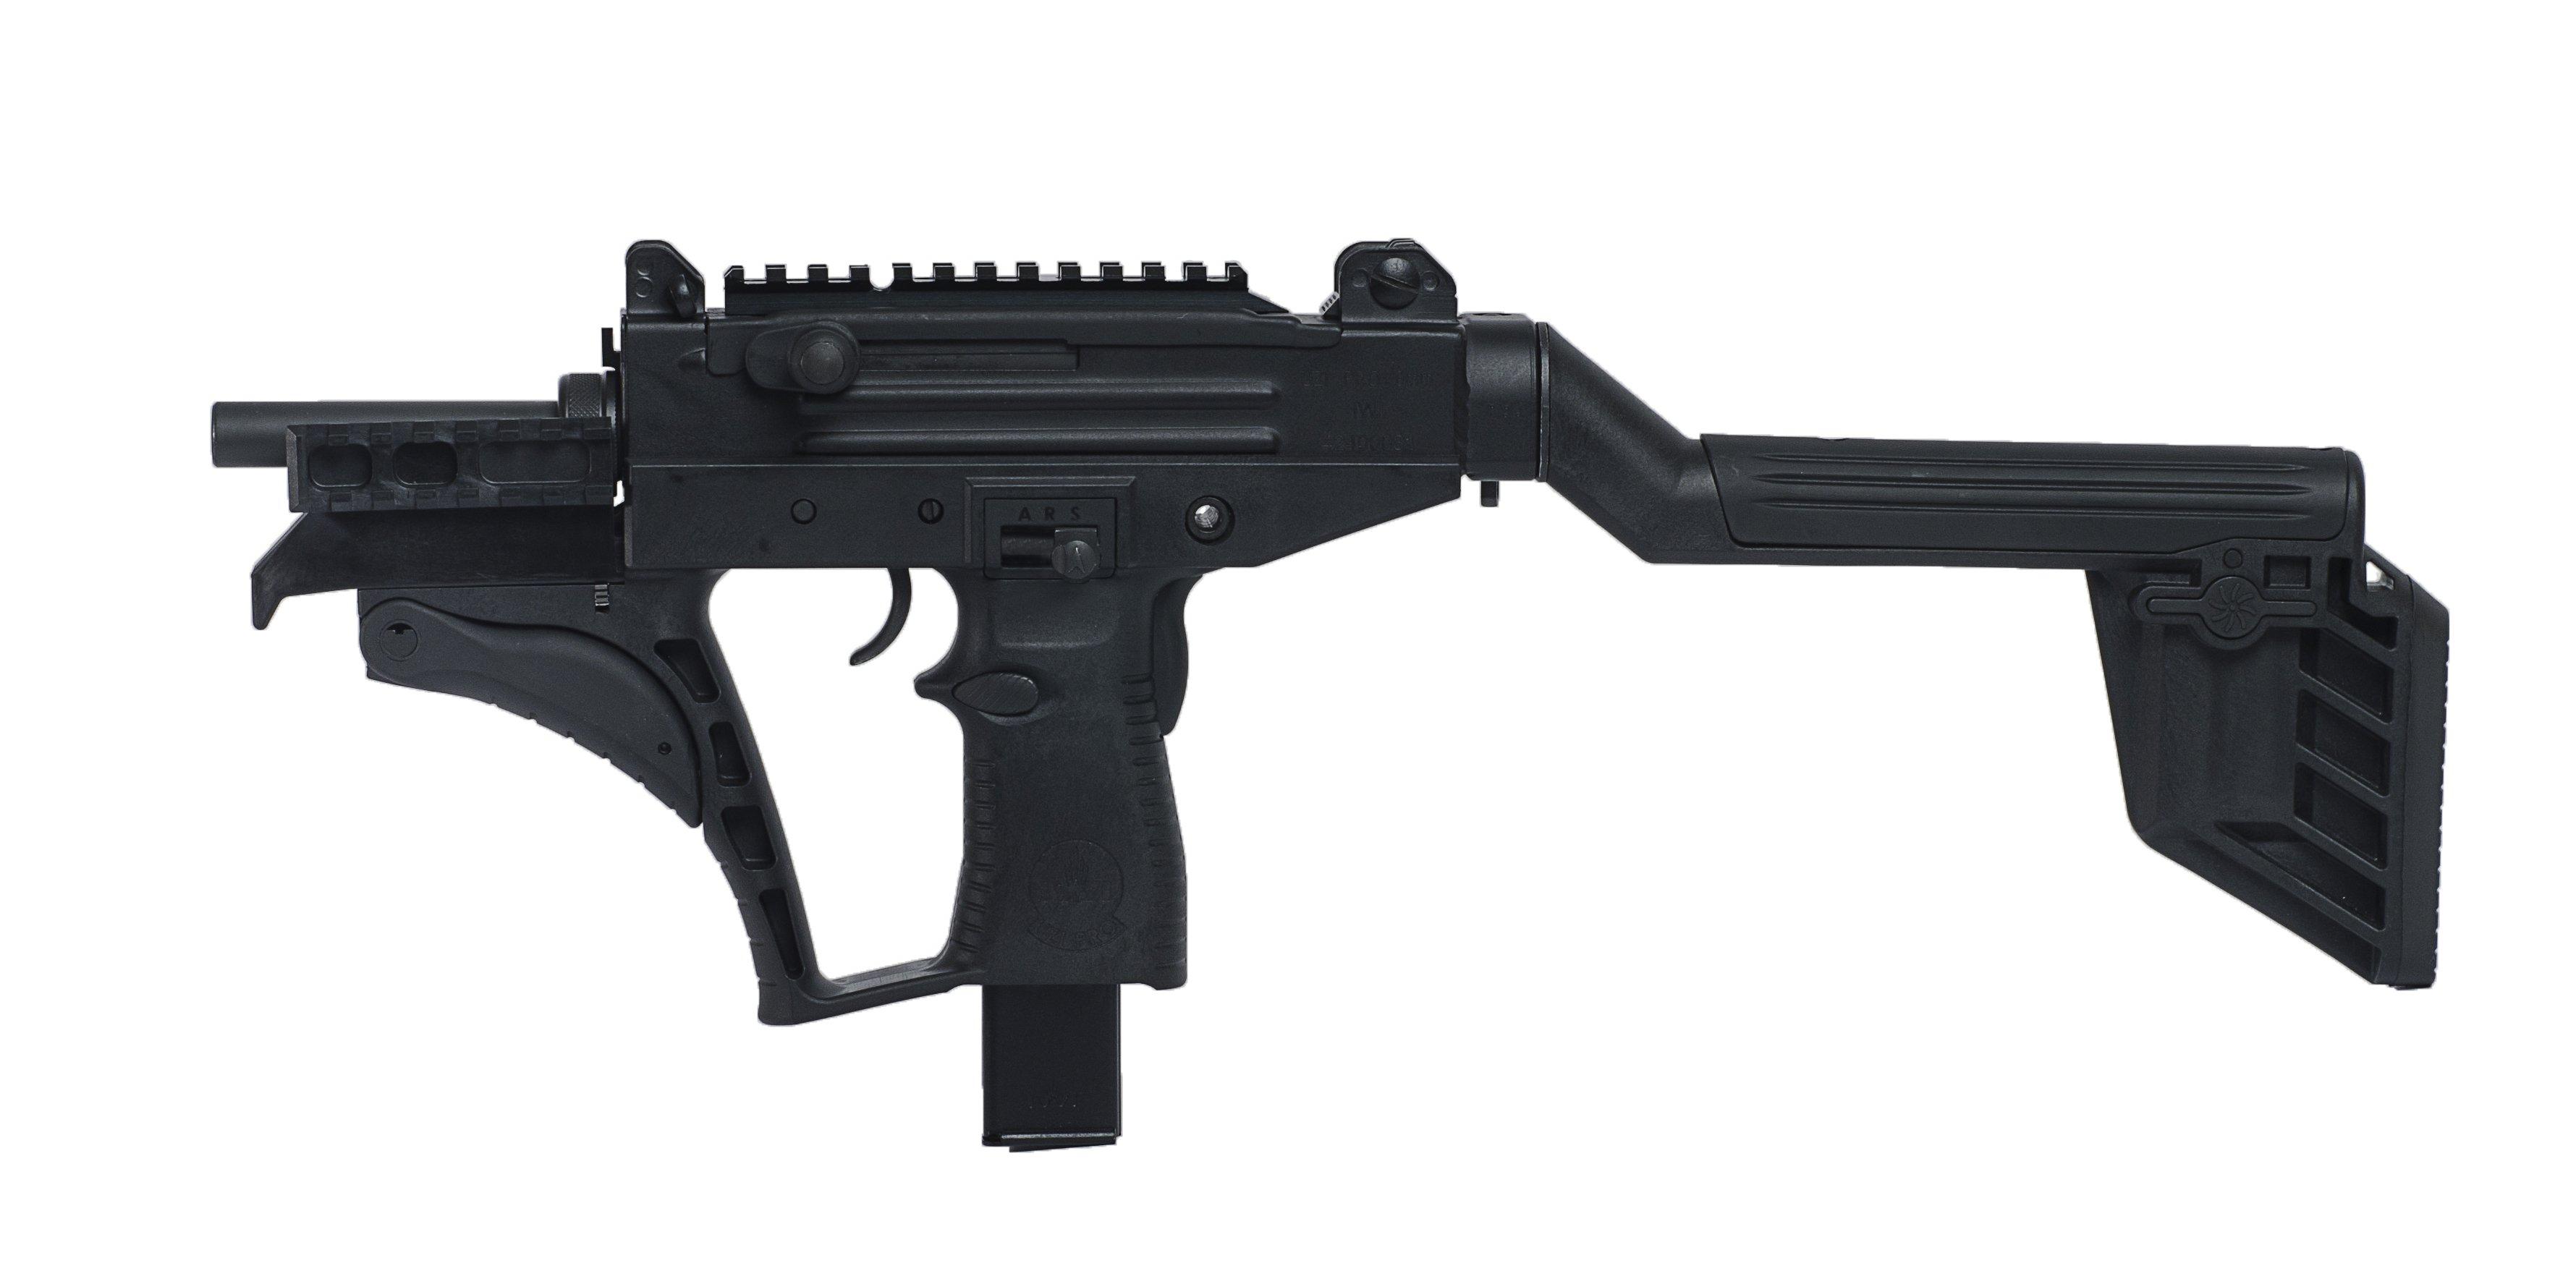 i-HLS Israel Homeland Security Shoots like a rifle. Works like an UZI